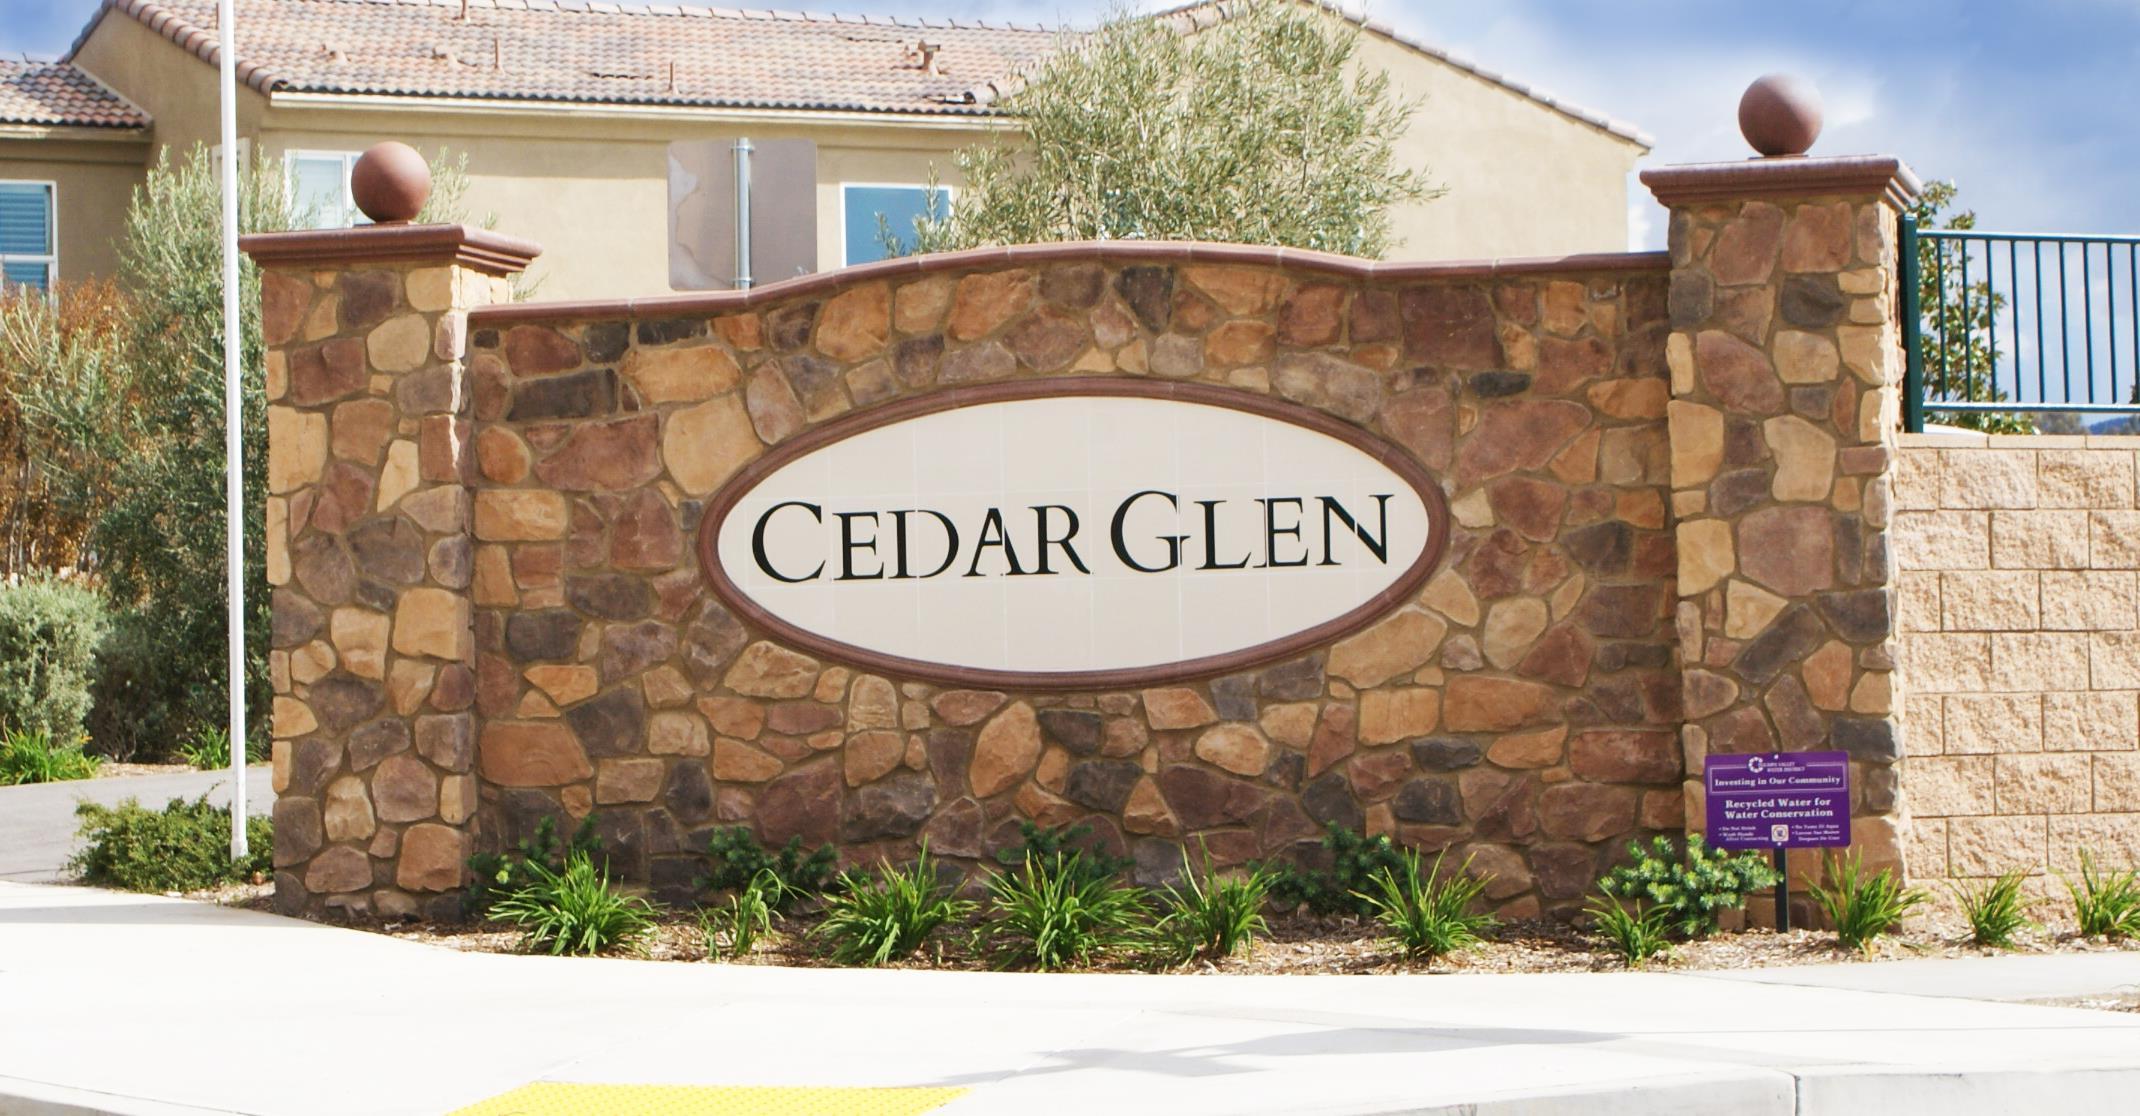 Cedar Glen